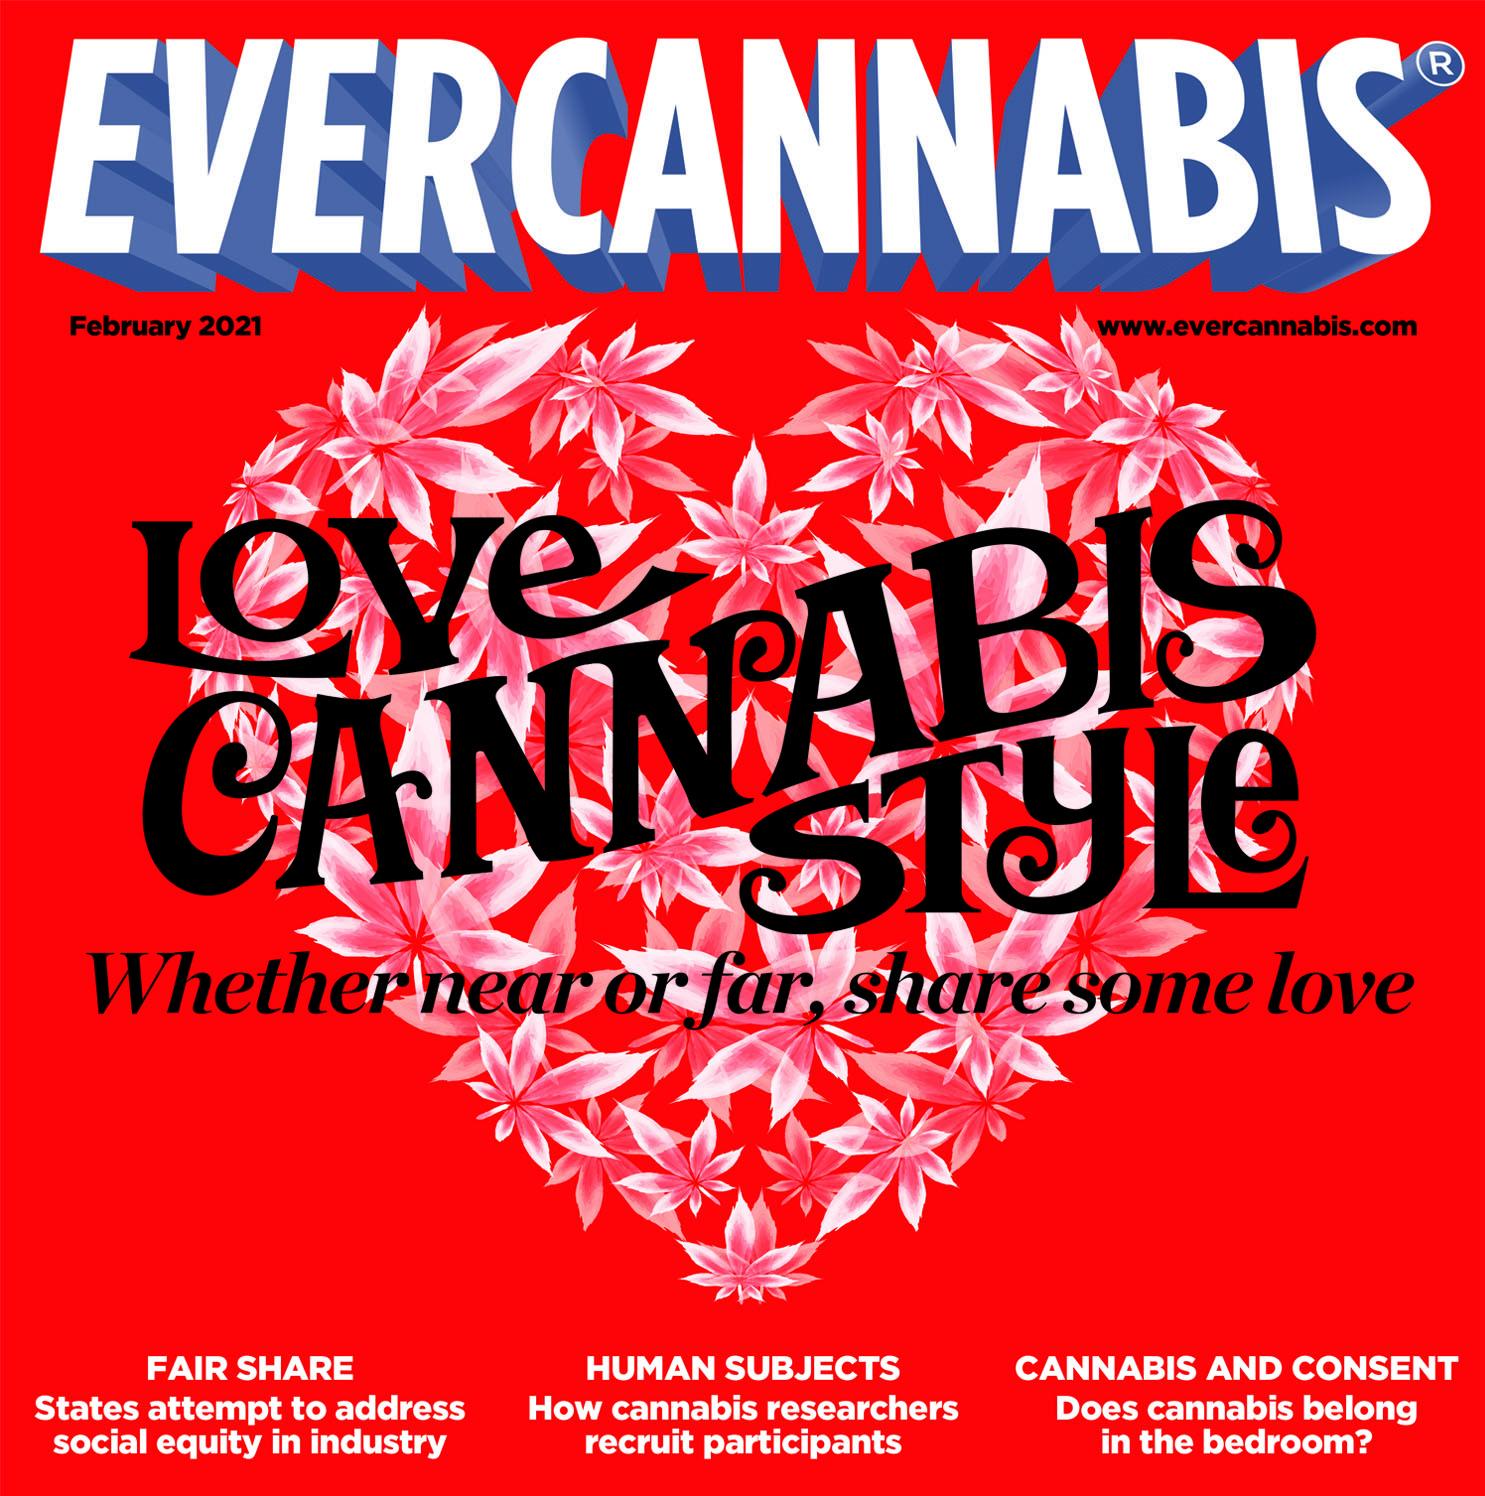 Evercannabis February 2021